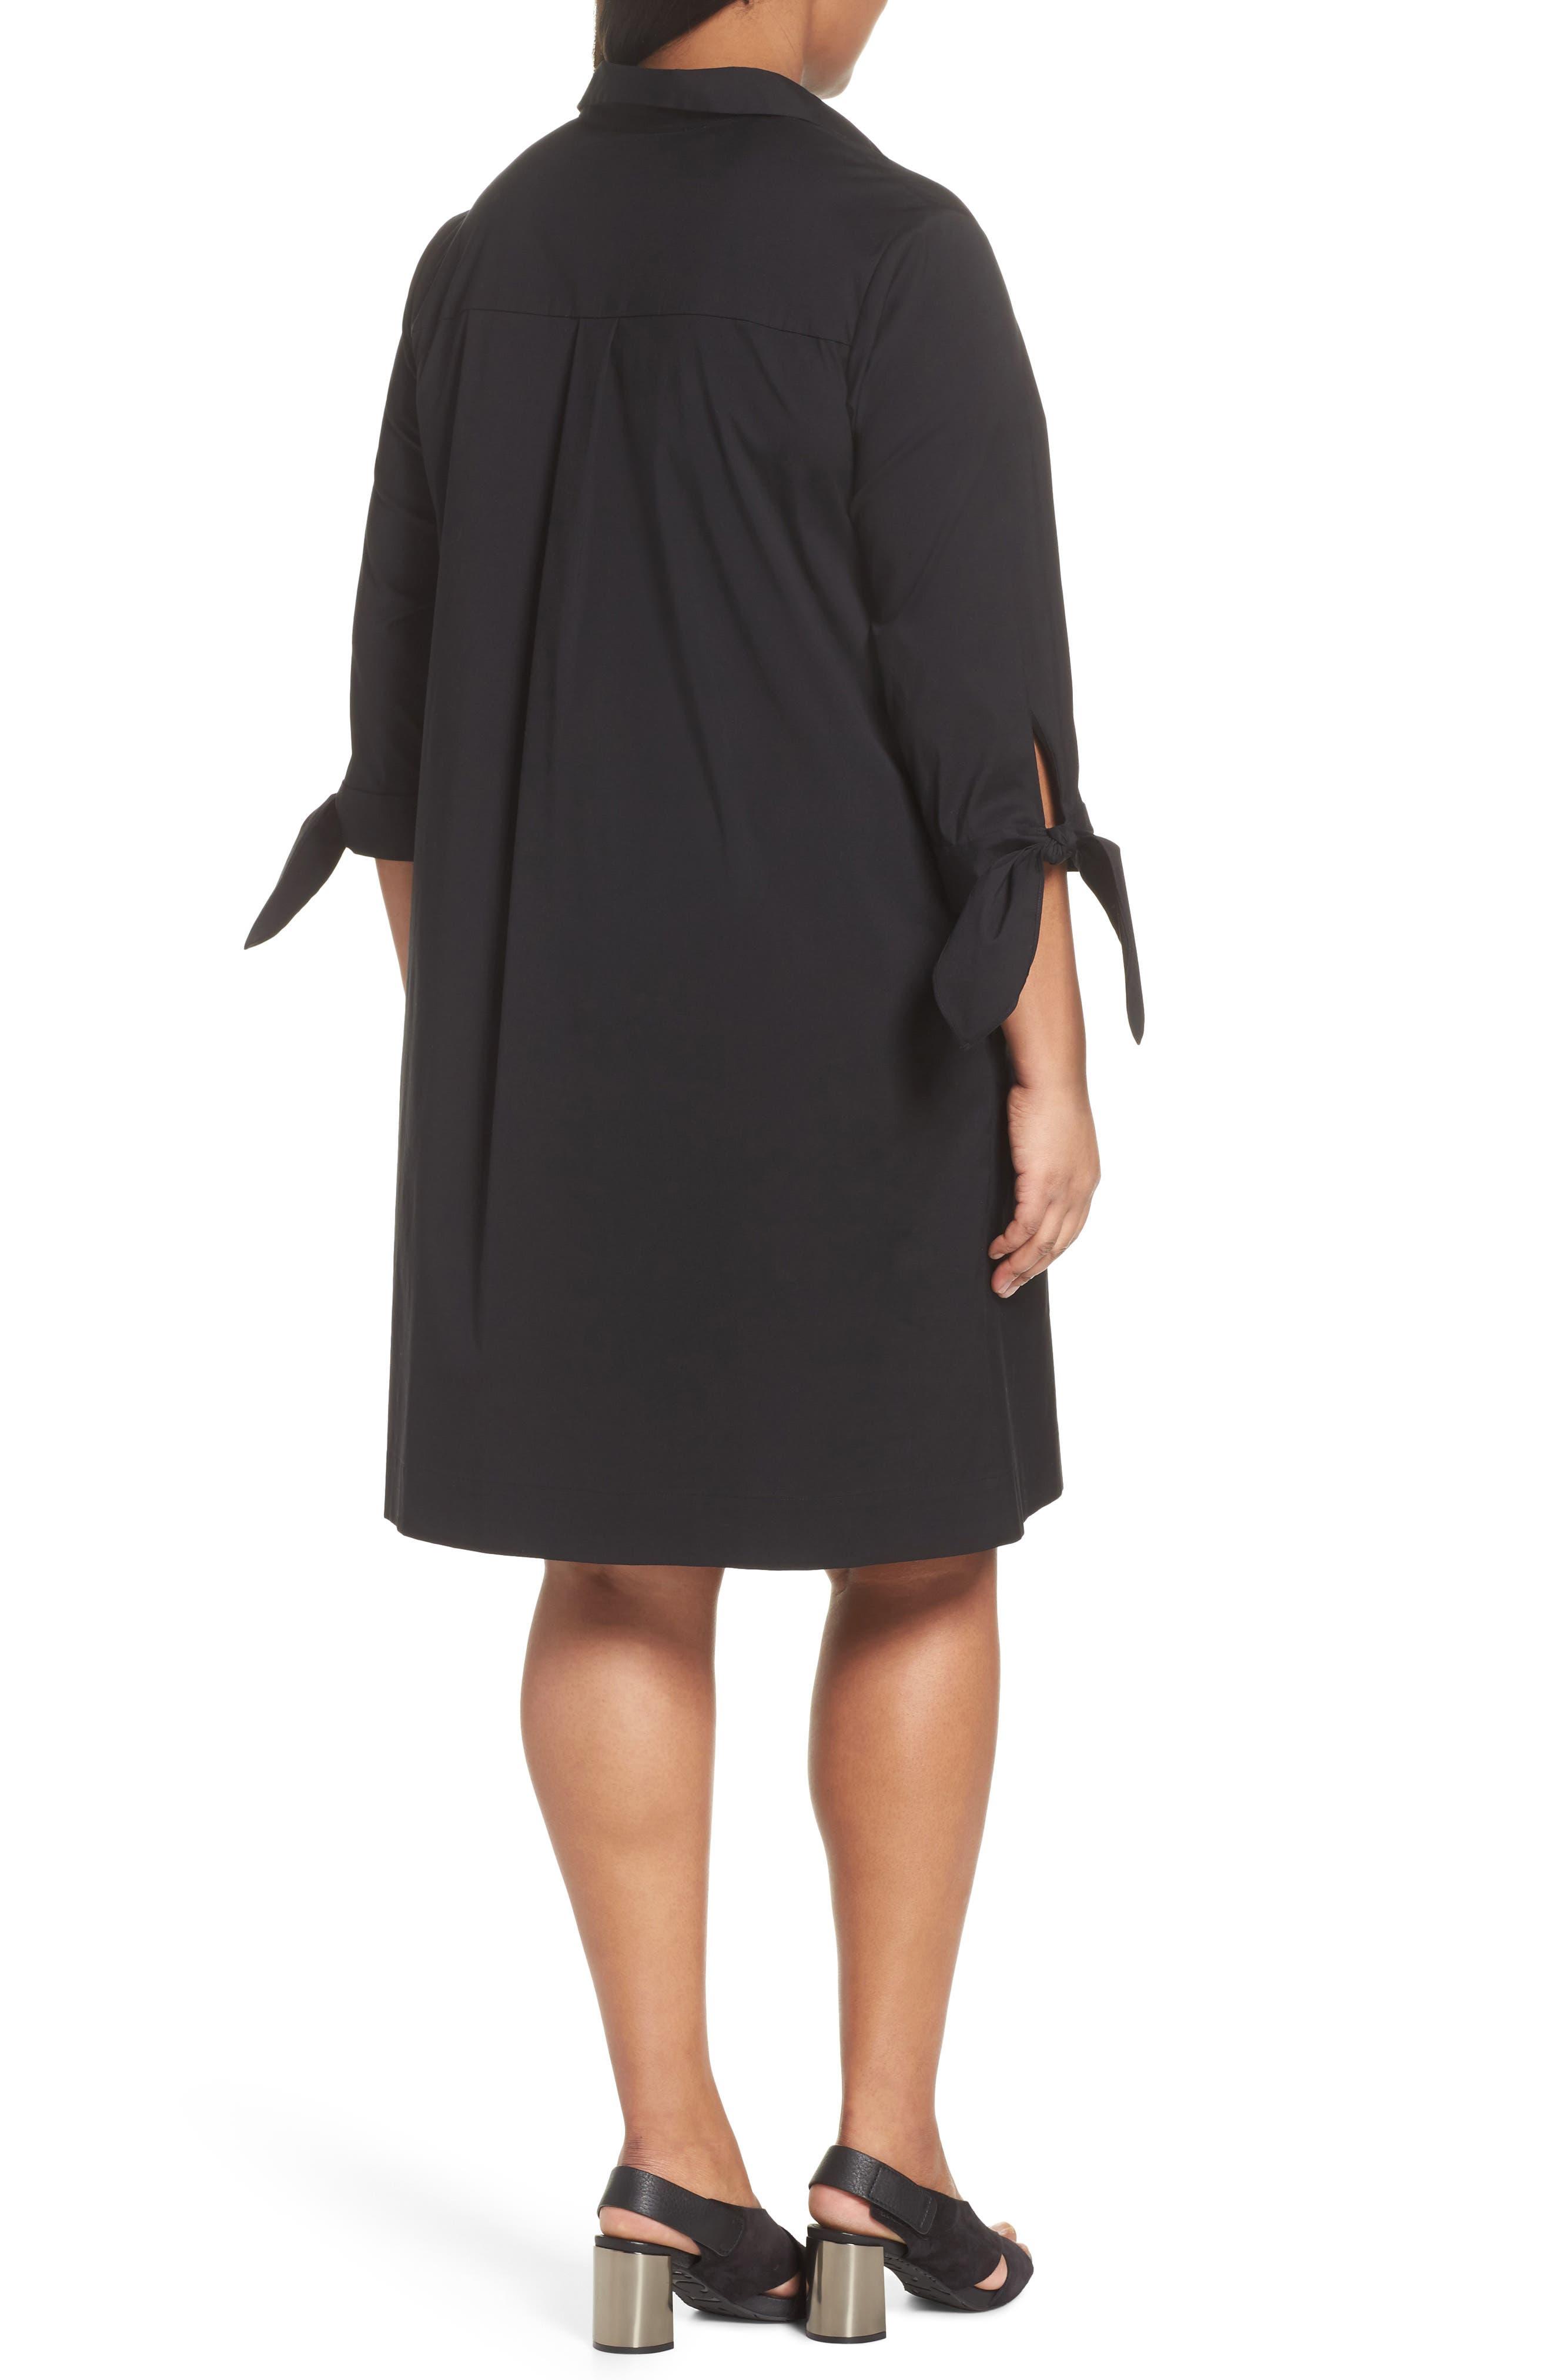 Lafayette 148 Talia Shirtdress,                             Alternate thumbnail 2, color,                             Black